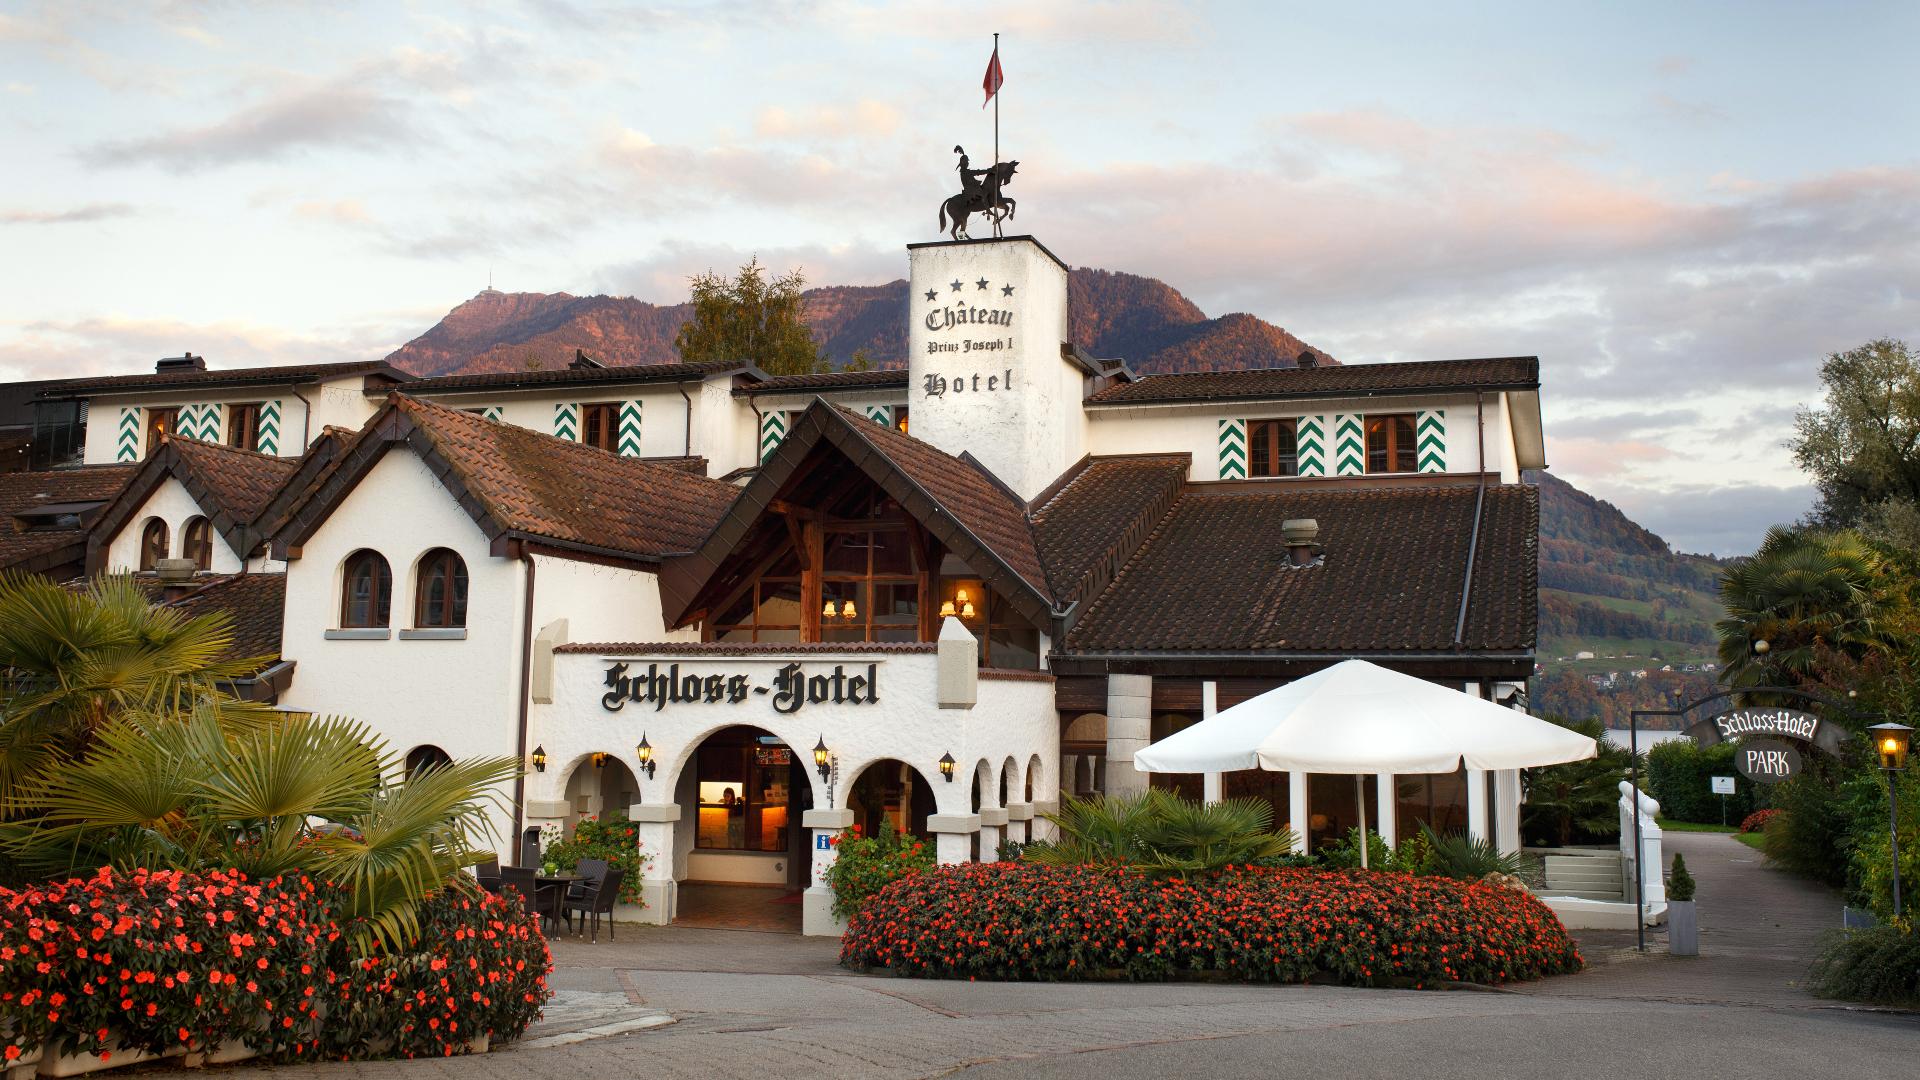 Schloss-Hotel im Swiss-Chalet Merlischachen Totalansicht abends mit Geranienbepflanzung